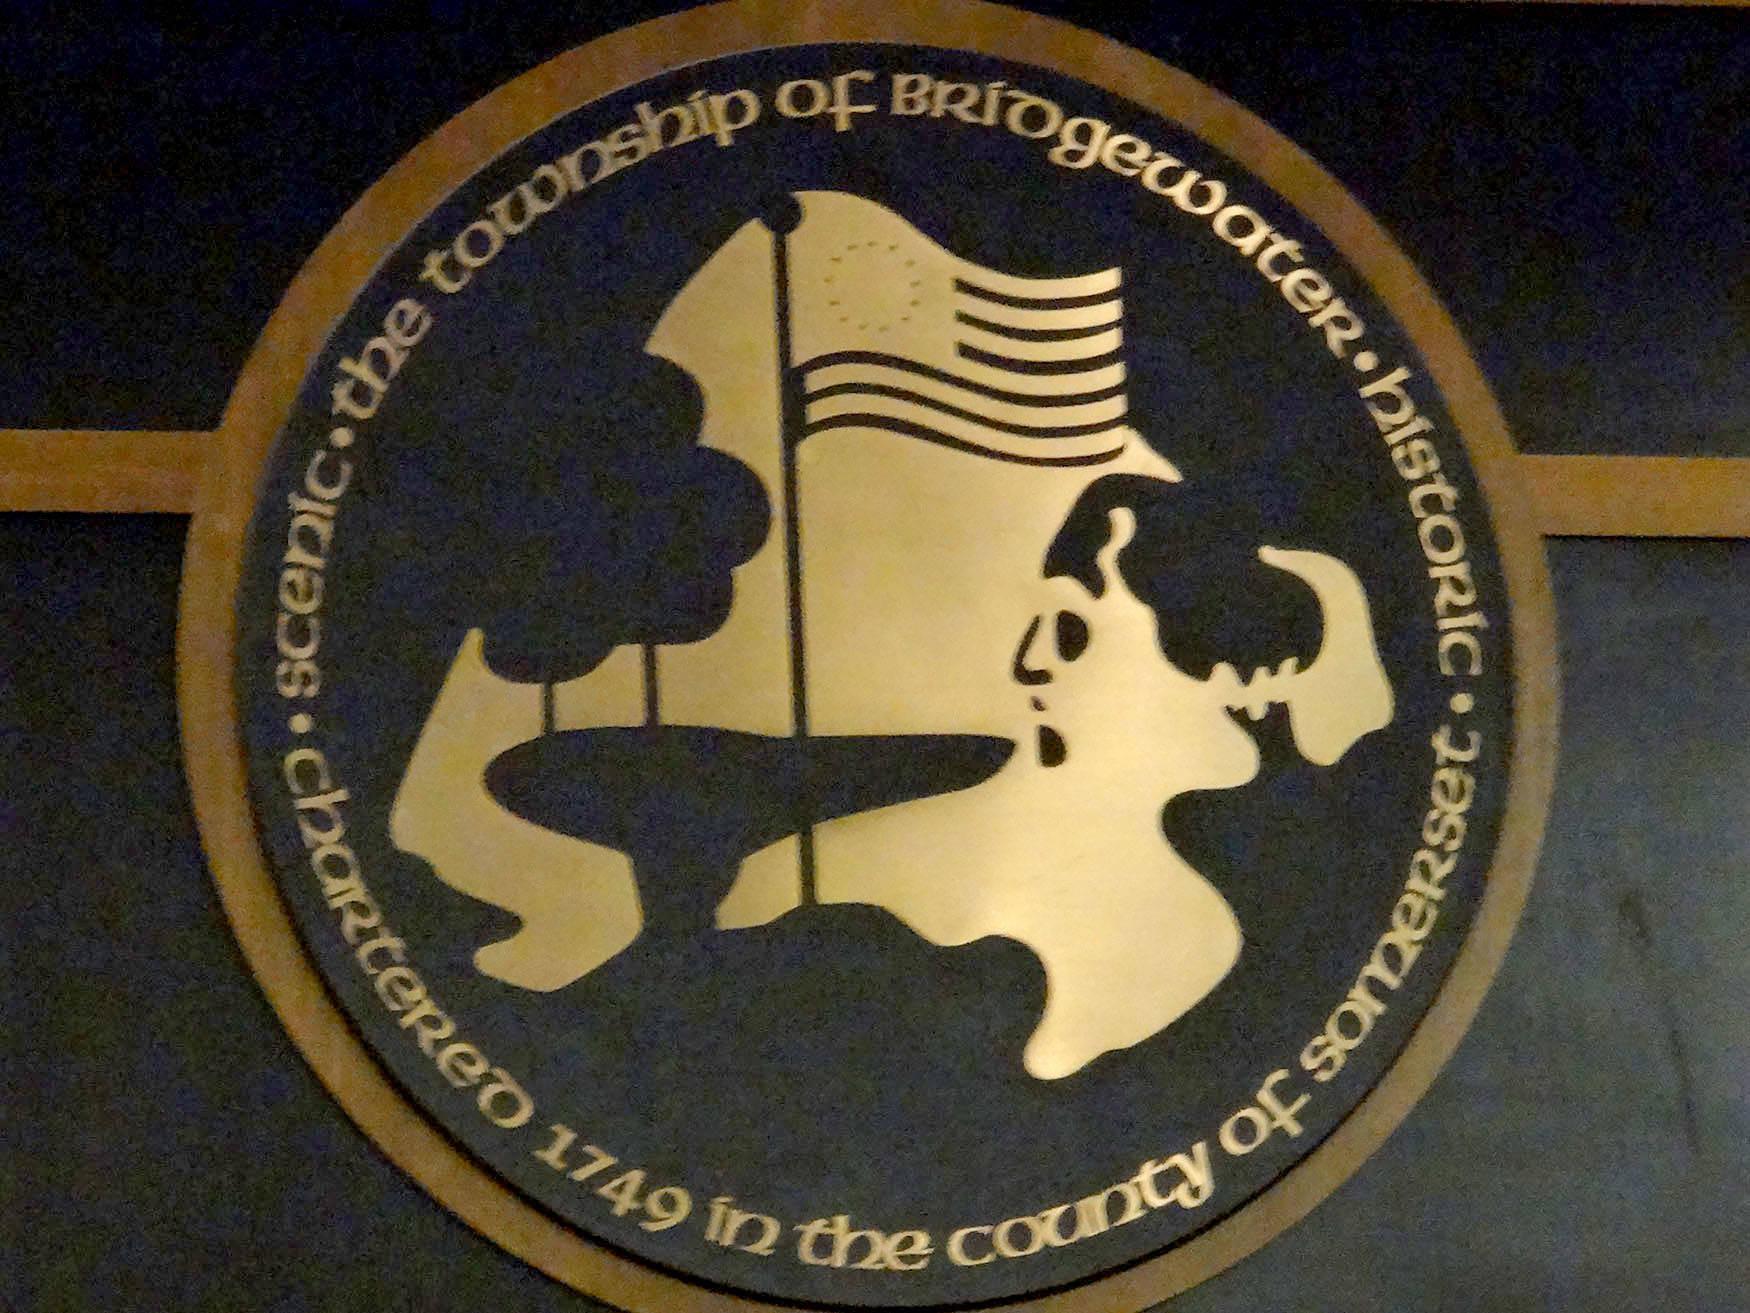 ee26f885aef4412afbb7_Bridgewater_symbol.jpg